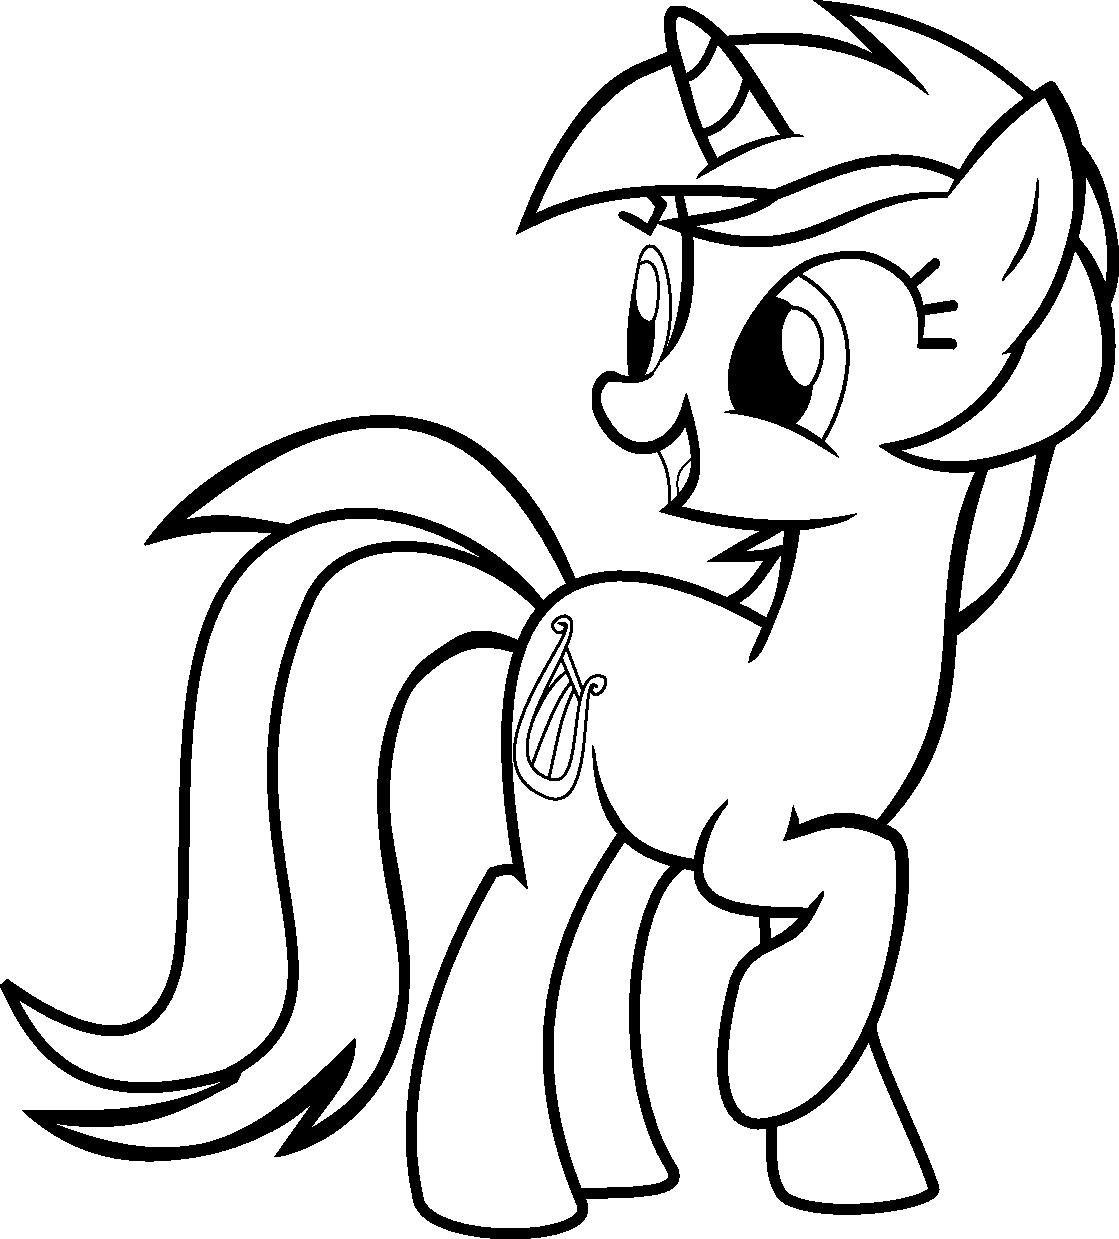 Tranh tập tô ngựa Pony đẹp